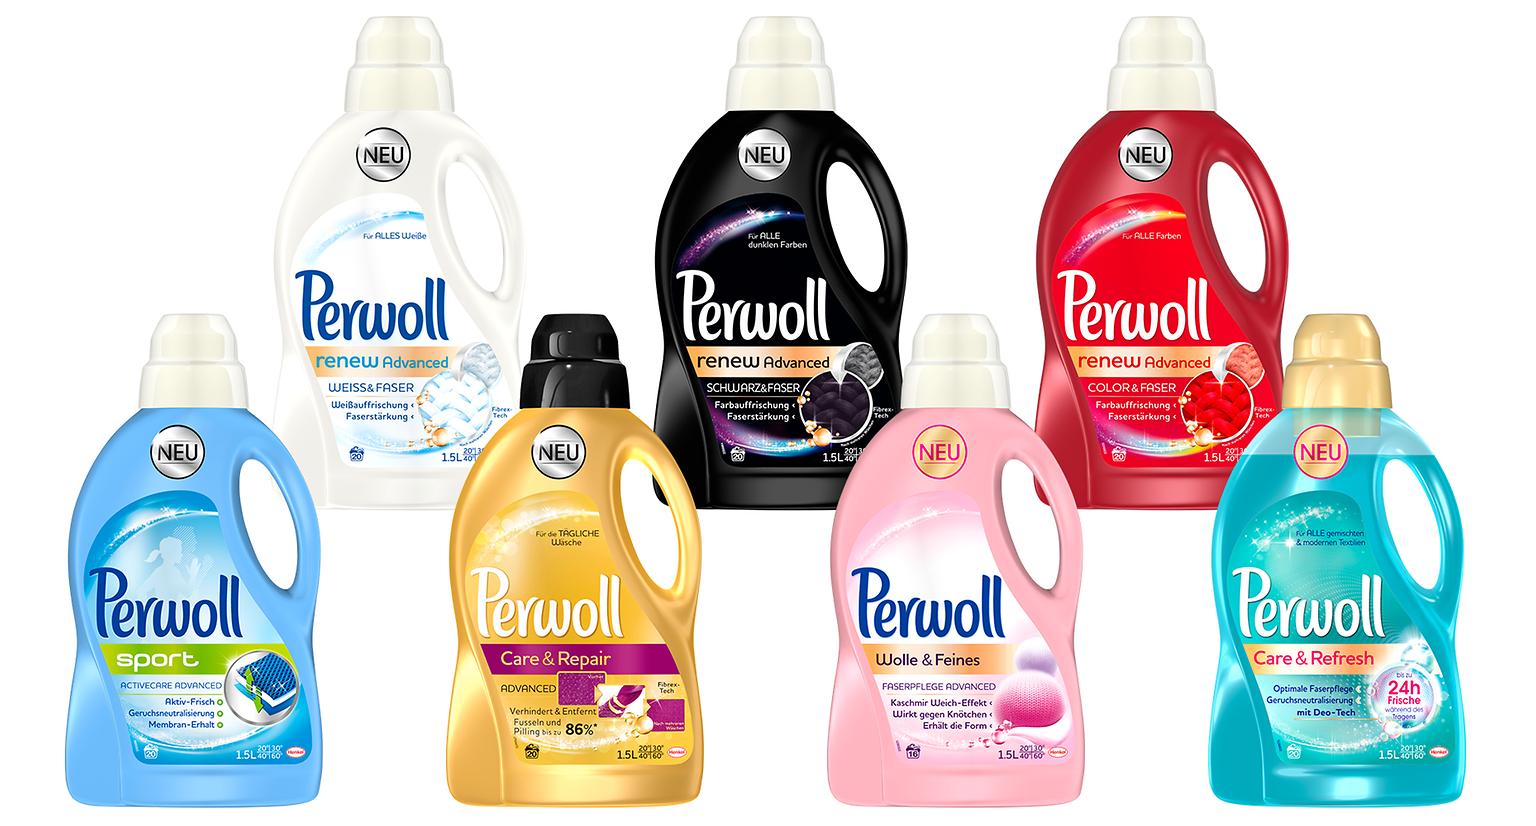 Die neuen Produkte der Perwoll Advanced Range